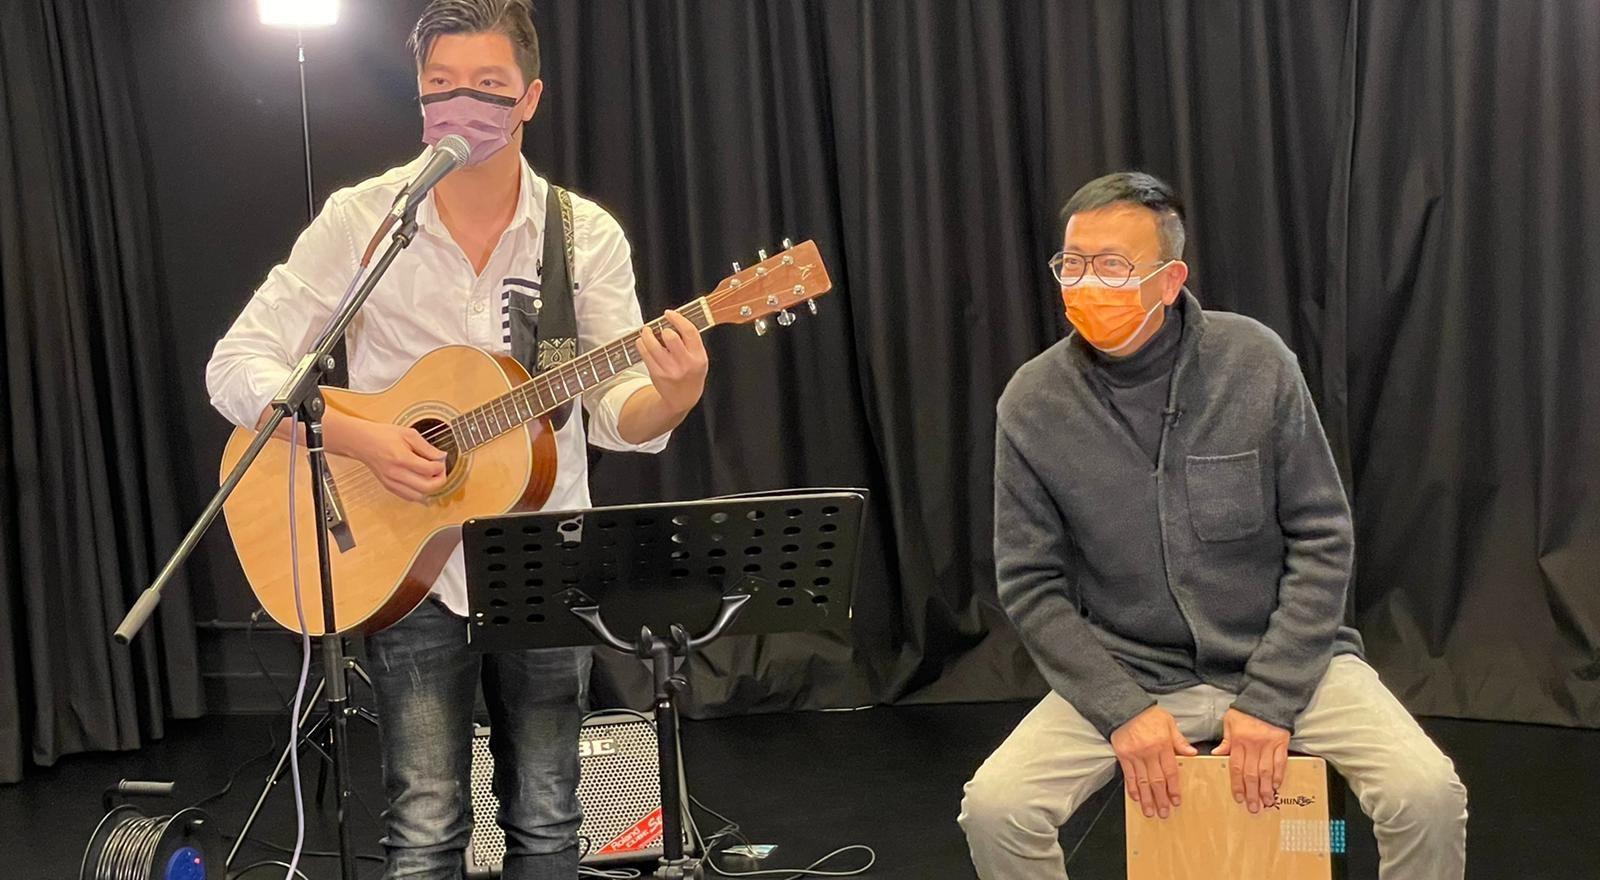 與兩位有特殊學習需要的朋友組成樂隊, 每年開演唱會